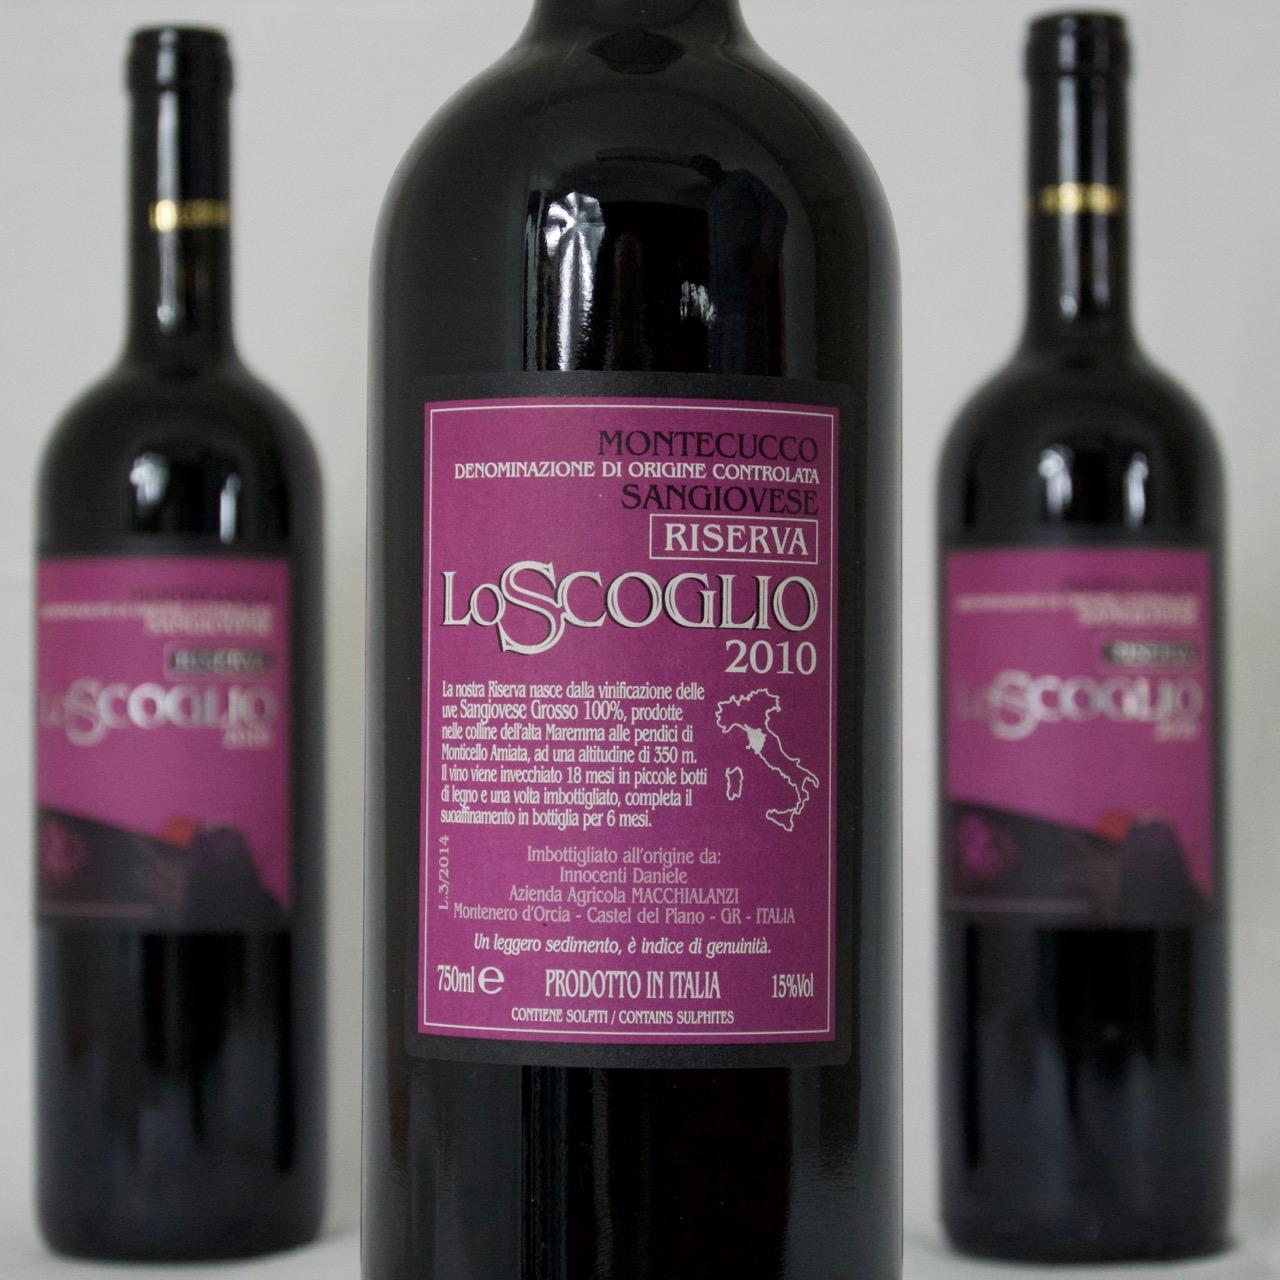 Lo Scoglio Montecucco Riserva DOC 2010 (15%Vol) <br /> Daniele Innocenti